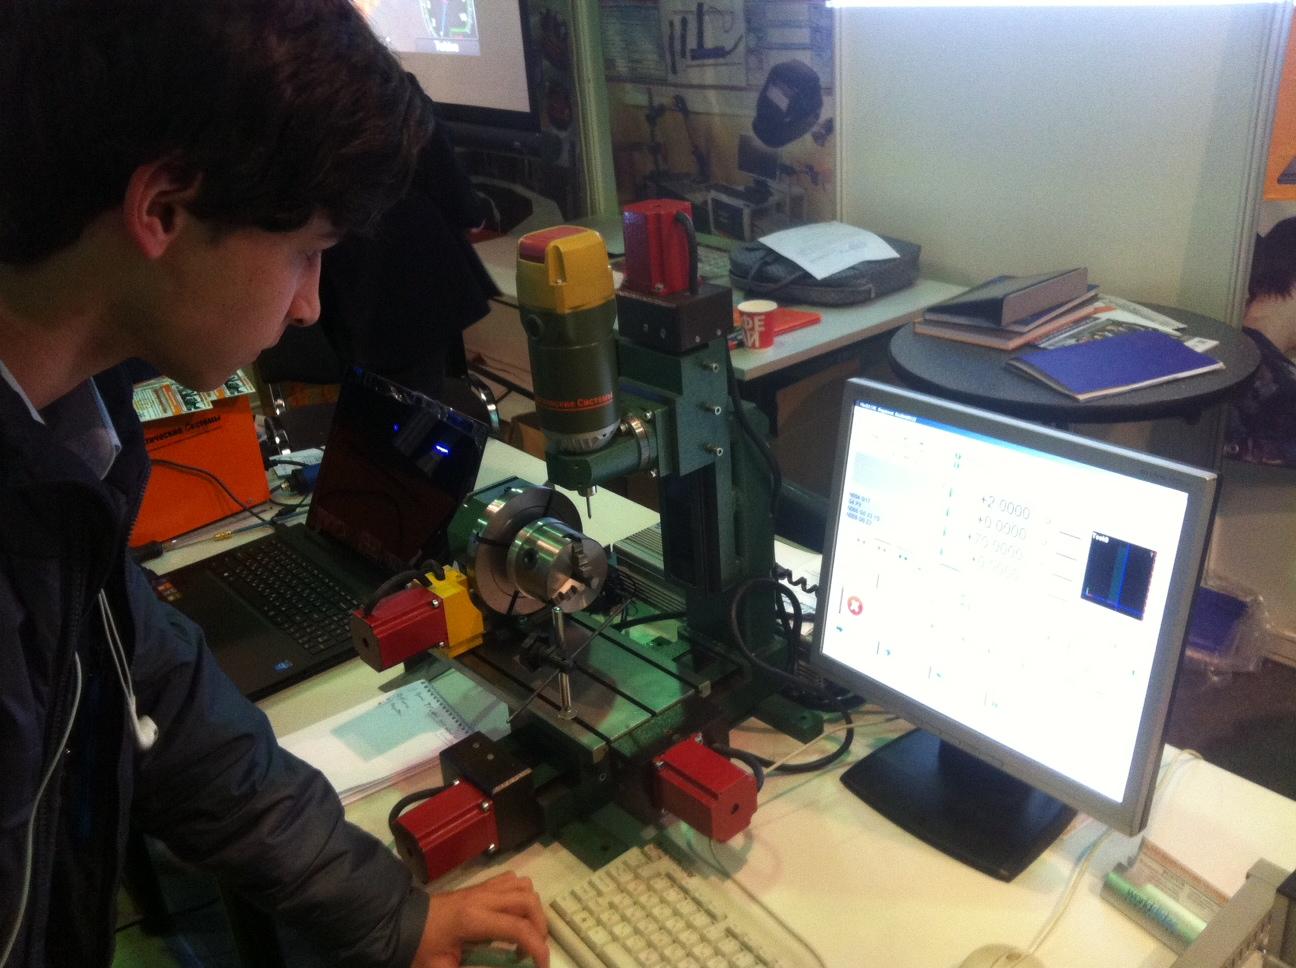 Никита Самойлов знакомится с работой токарно-фрезерного станка с ЧПУ фирмы Дидактические системы